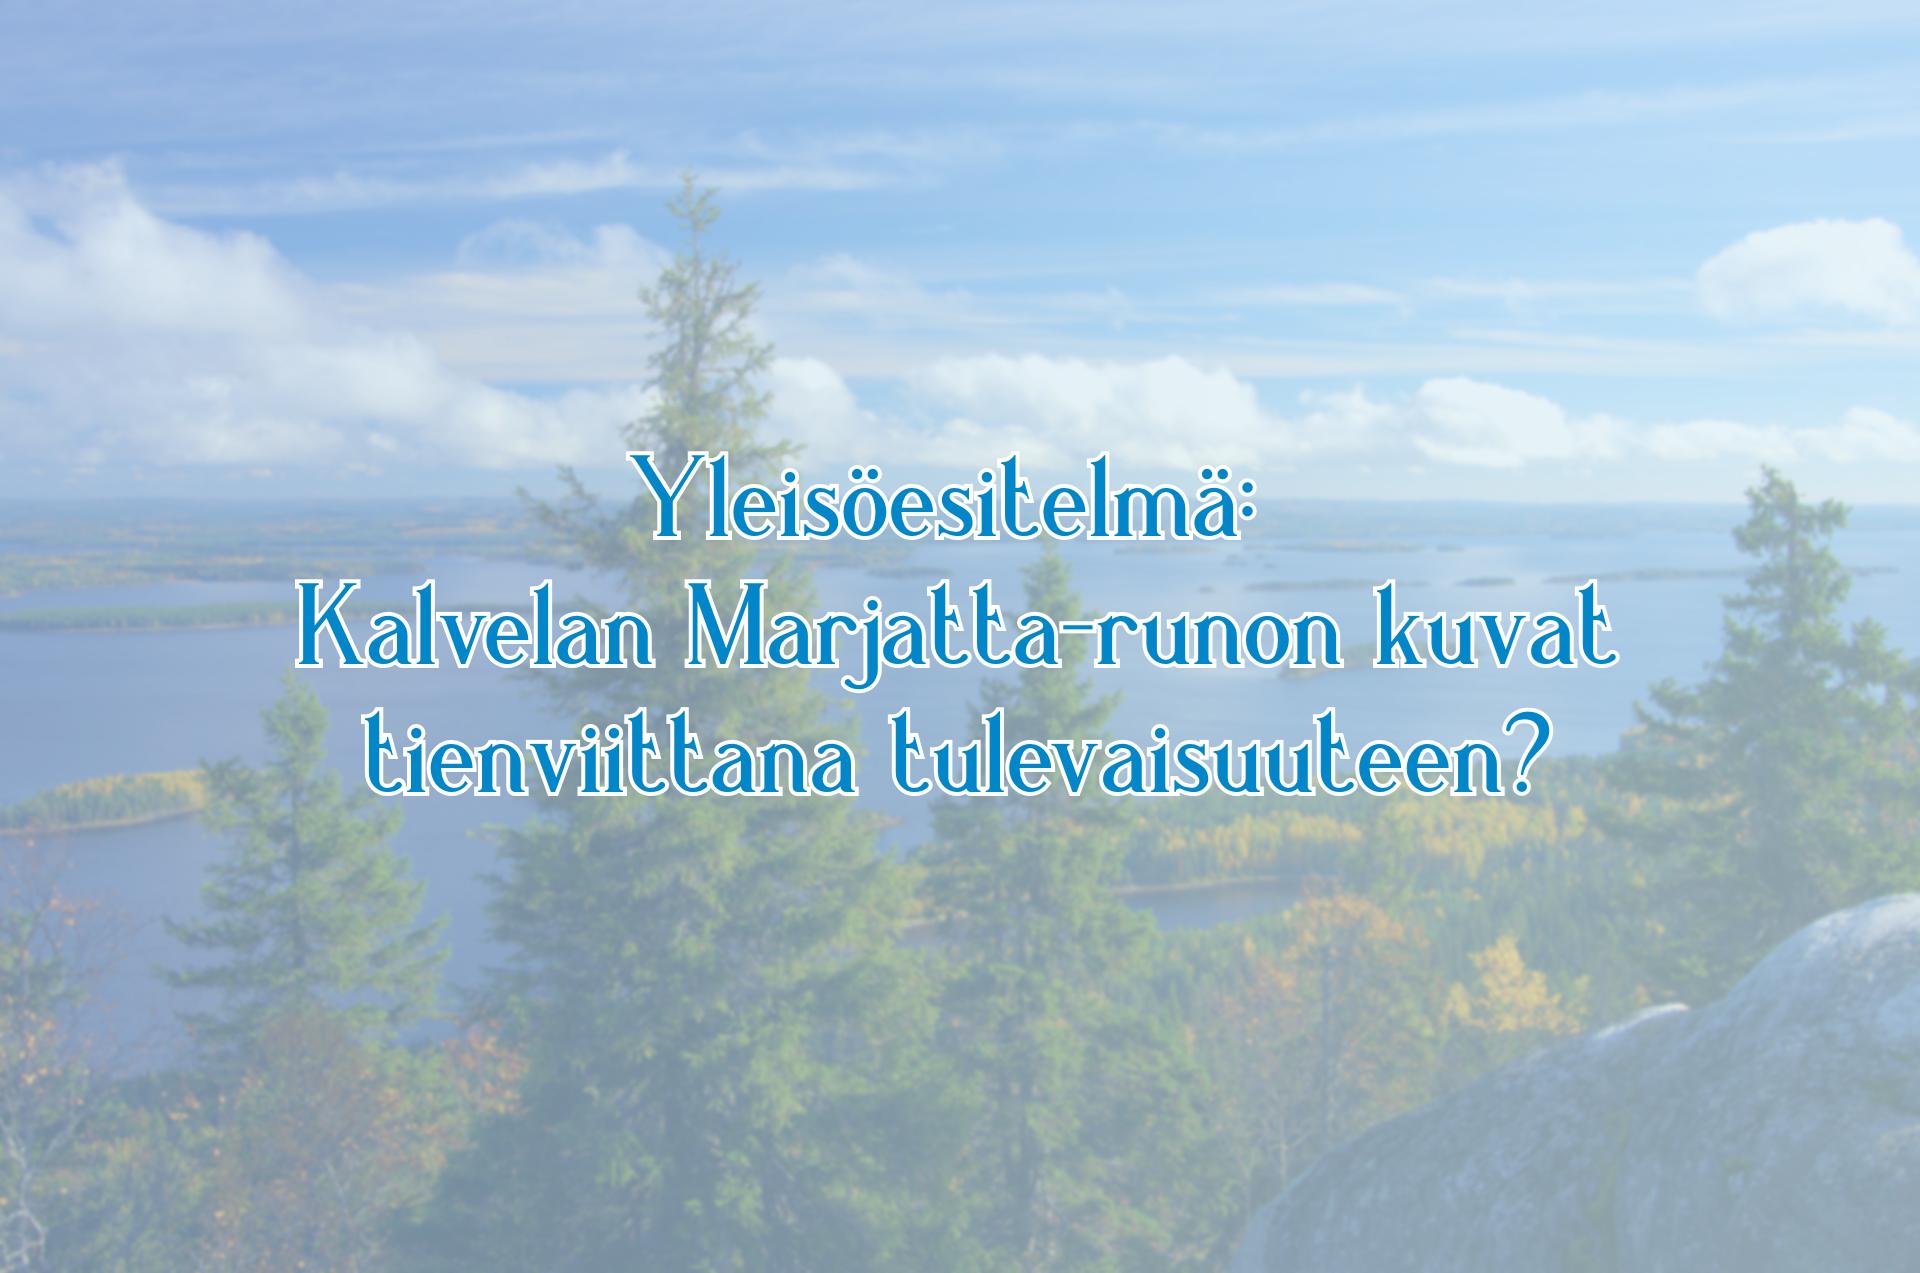 Yleisöesitelmä: Kalevalan Marjatta-runon kuvat tienviittana tulevaisuuteen?